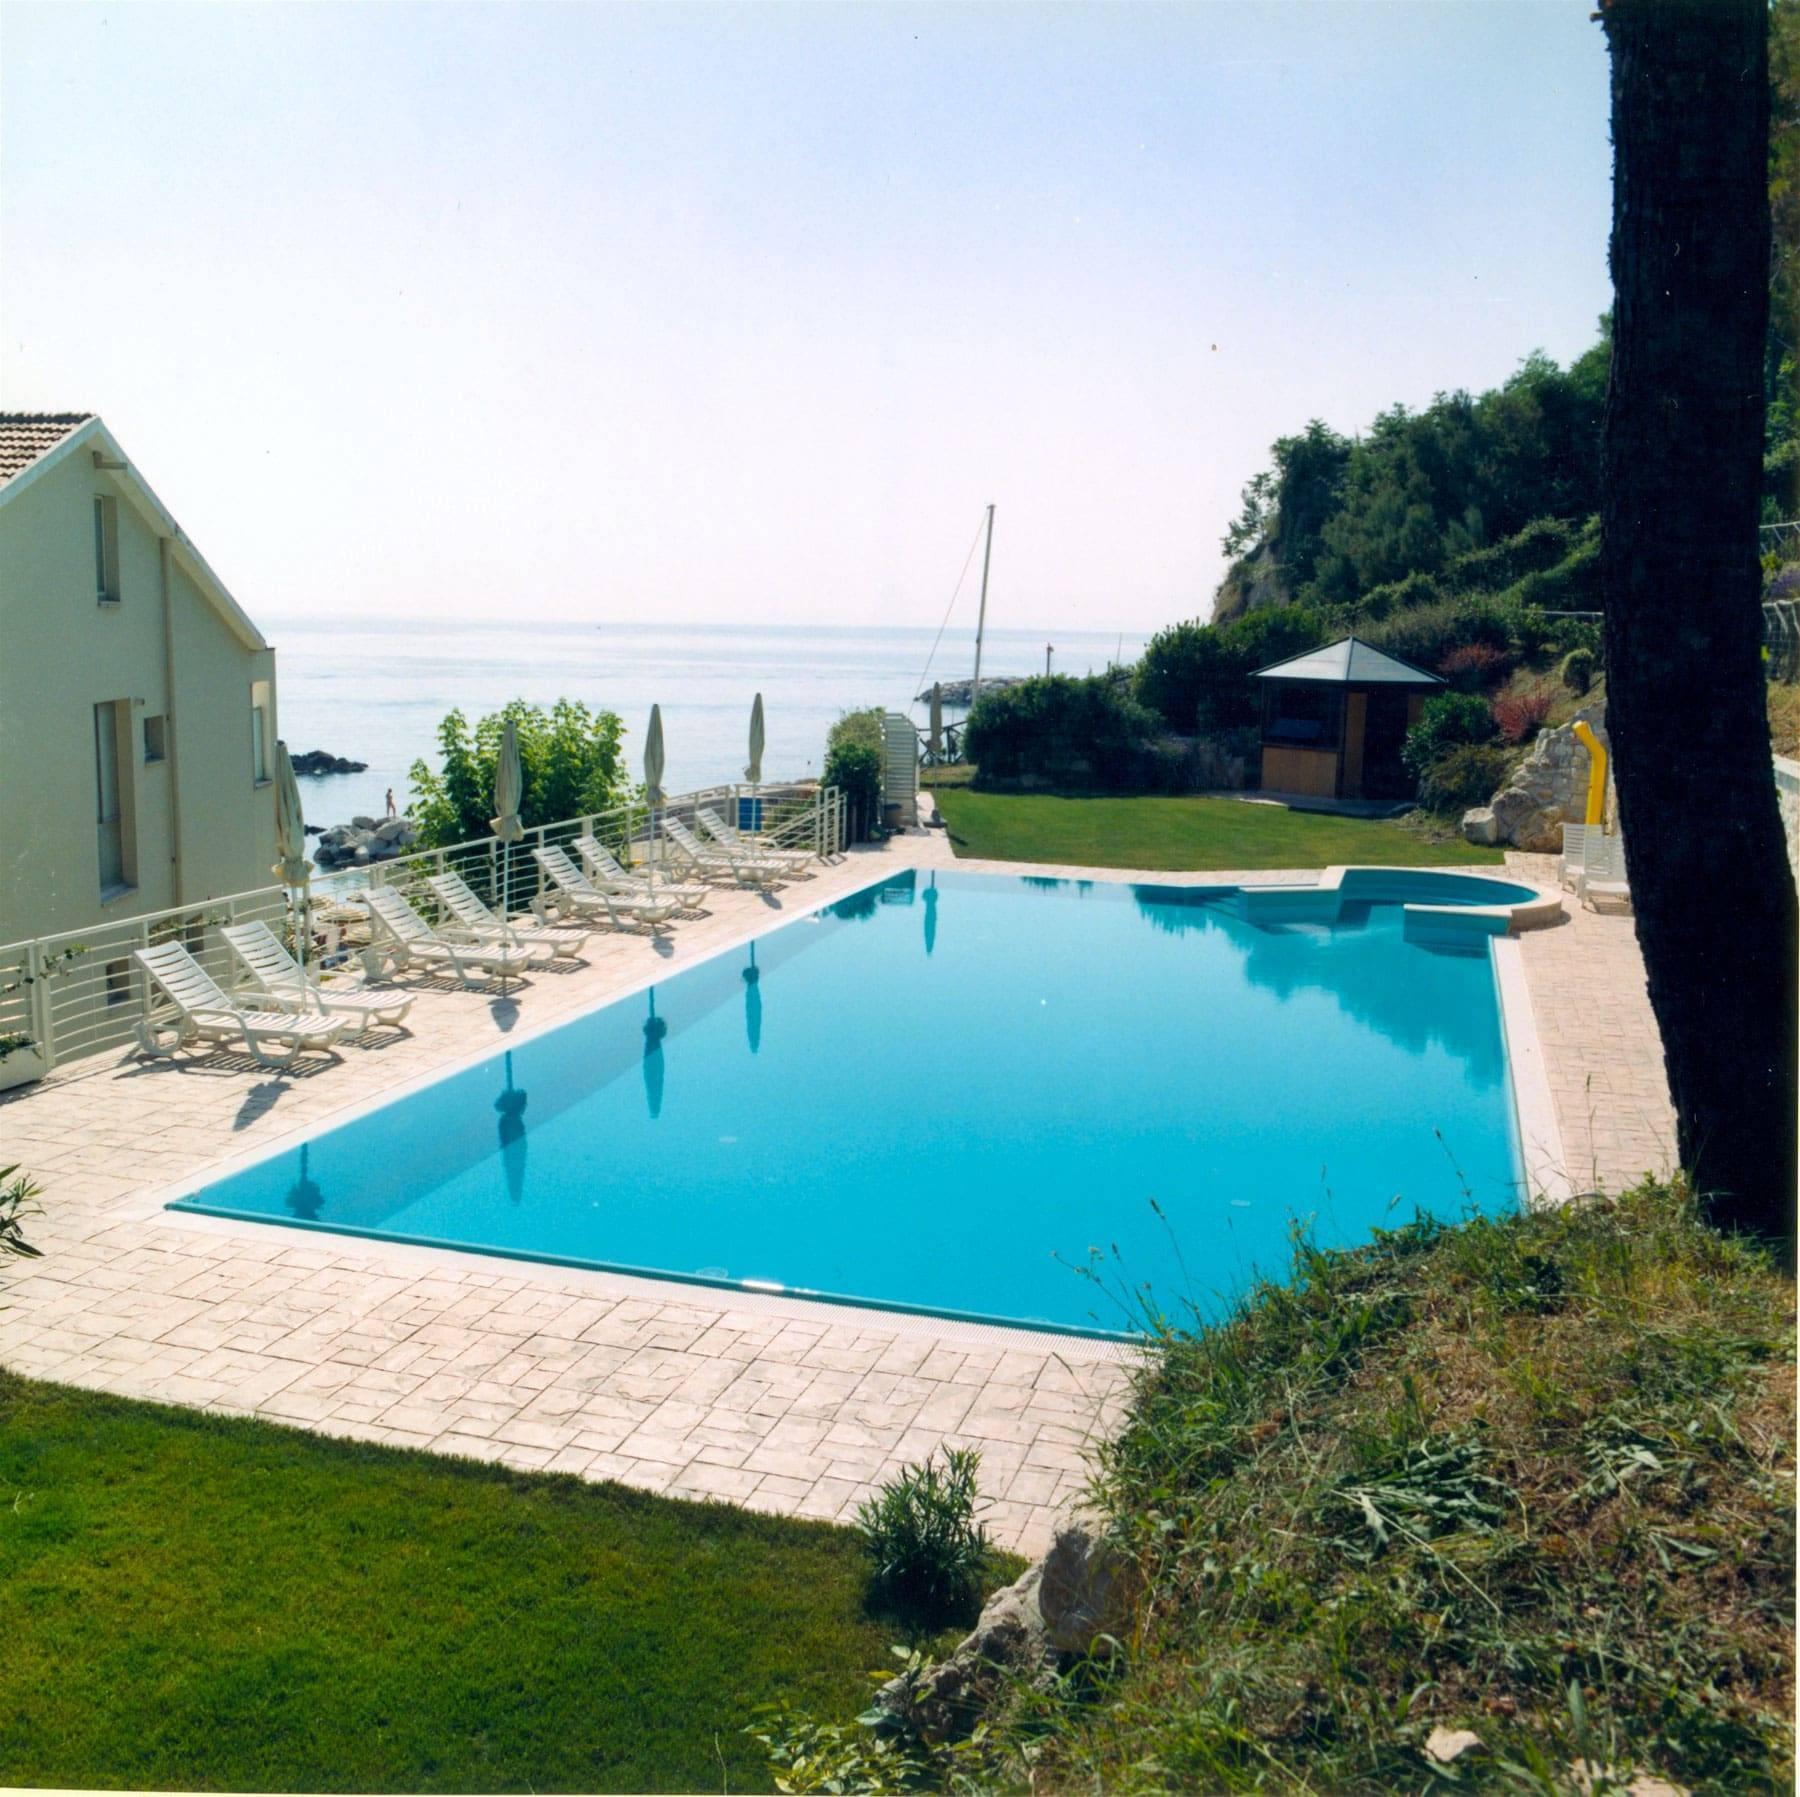 37 spazio esterno bordo piscina / Finitura Ardesia bugnata/ Colore pietra modicana